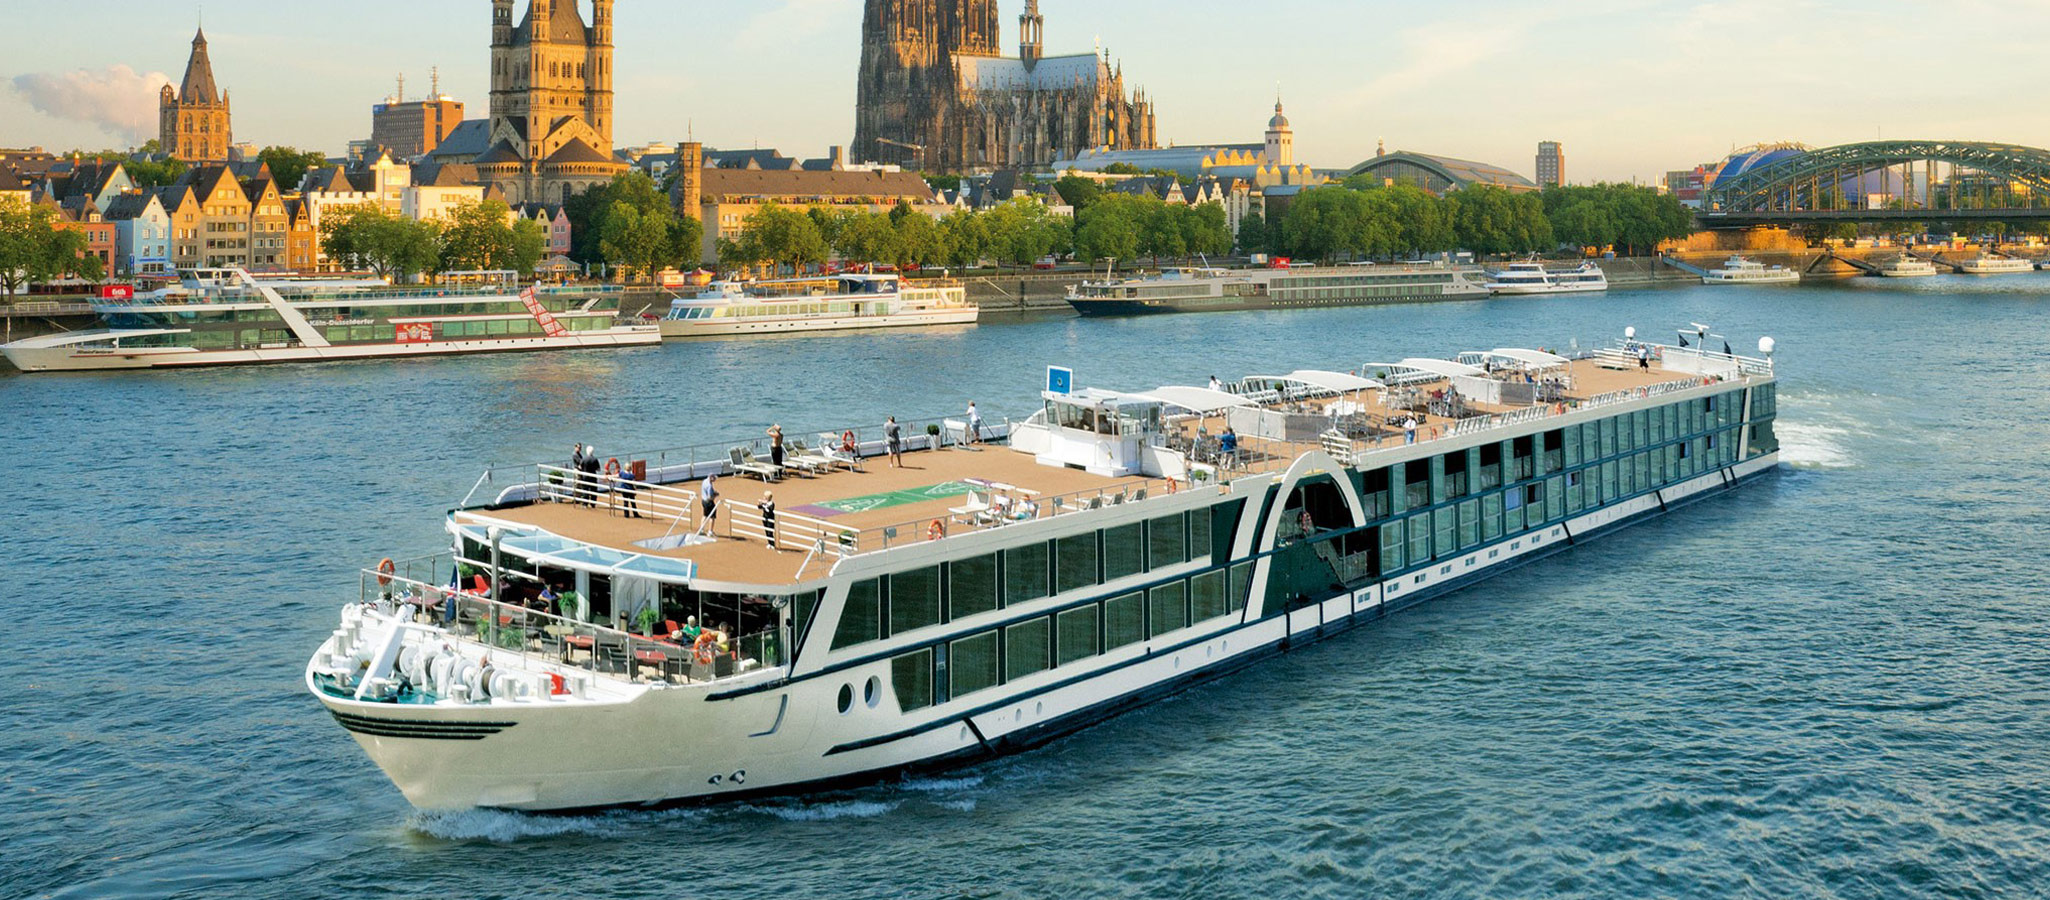 Auf den Flüssen Europas unterwegs: Rhein, Donau, Seine und Rhône sind die Schauplätze für abwechslungsreiche Event-Programme.